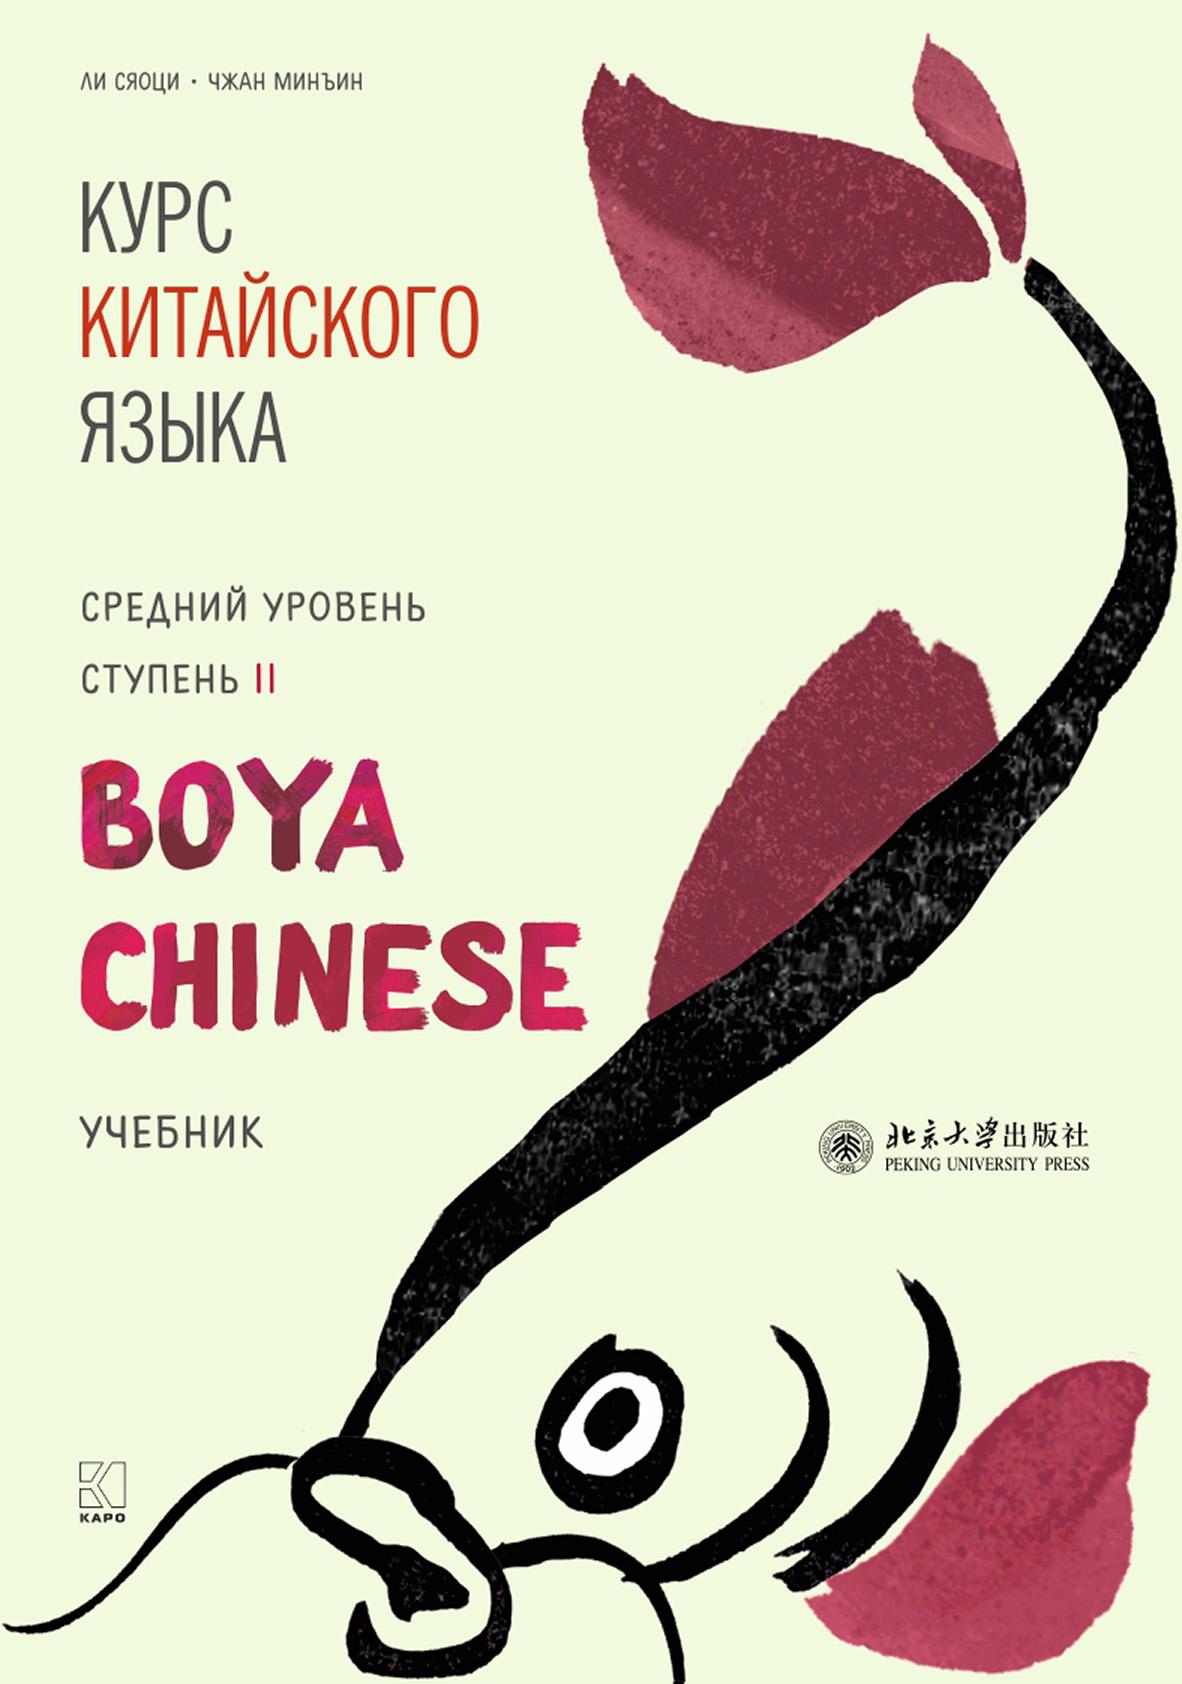 Курс китайского языка «Boya Chinese». Средний уровень. Ступень II